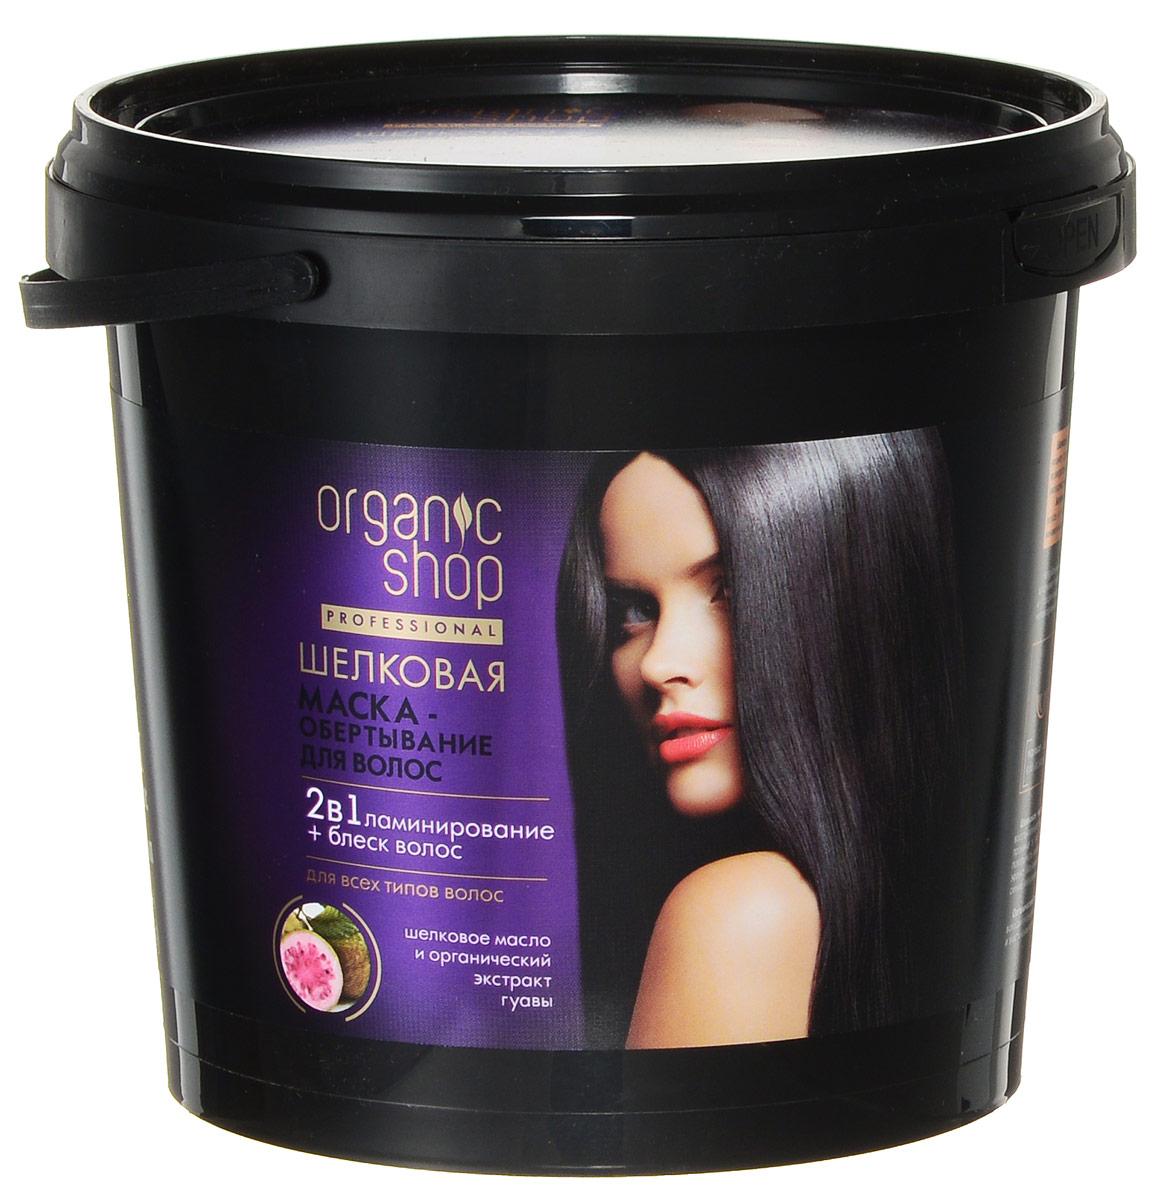 Organic Shop Professional Маска-обертывание шелковая для волос, 1000 мл